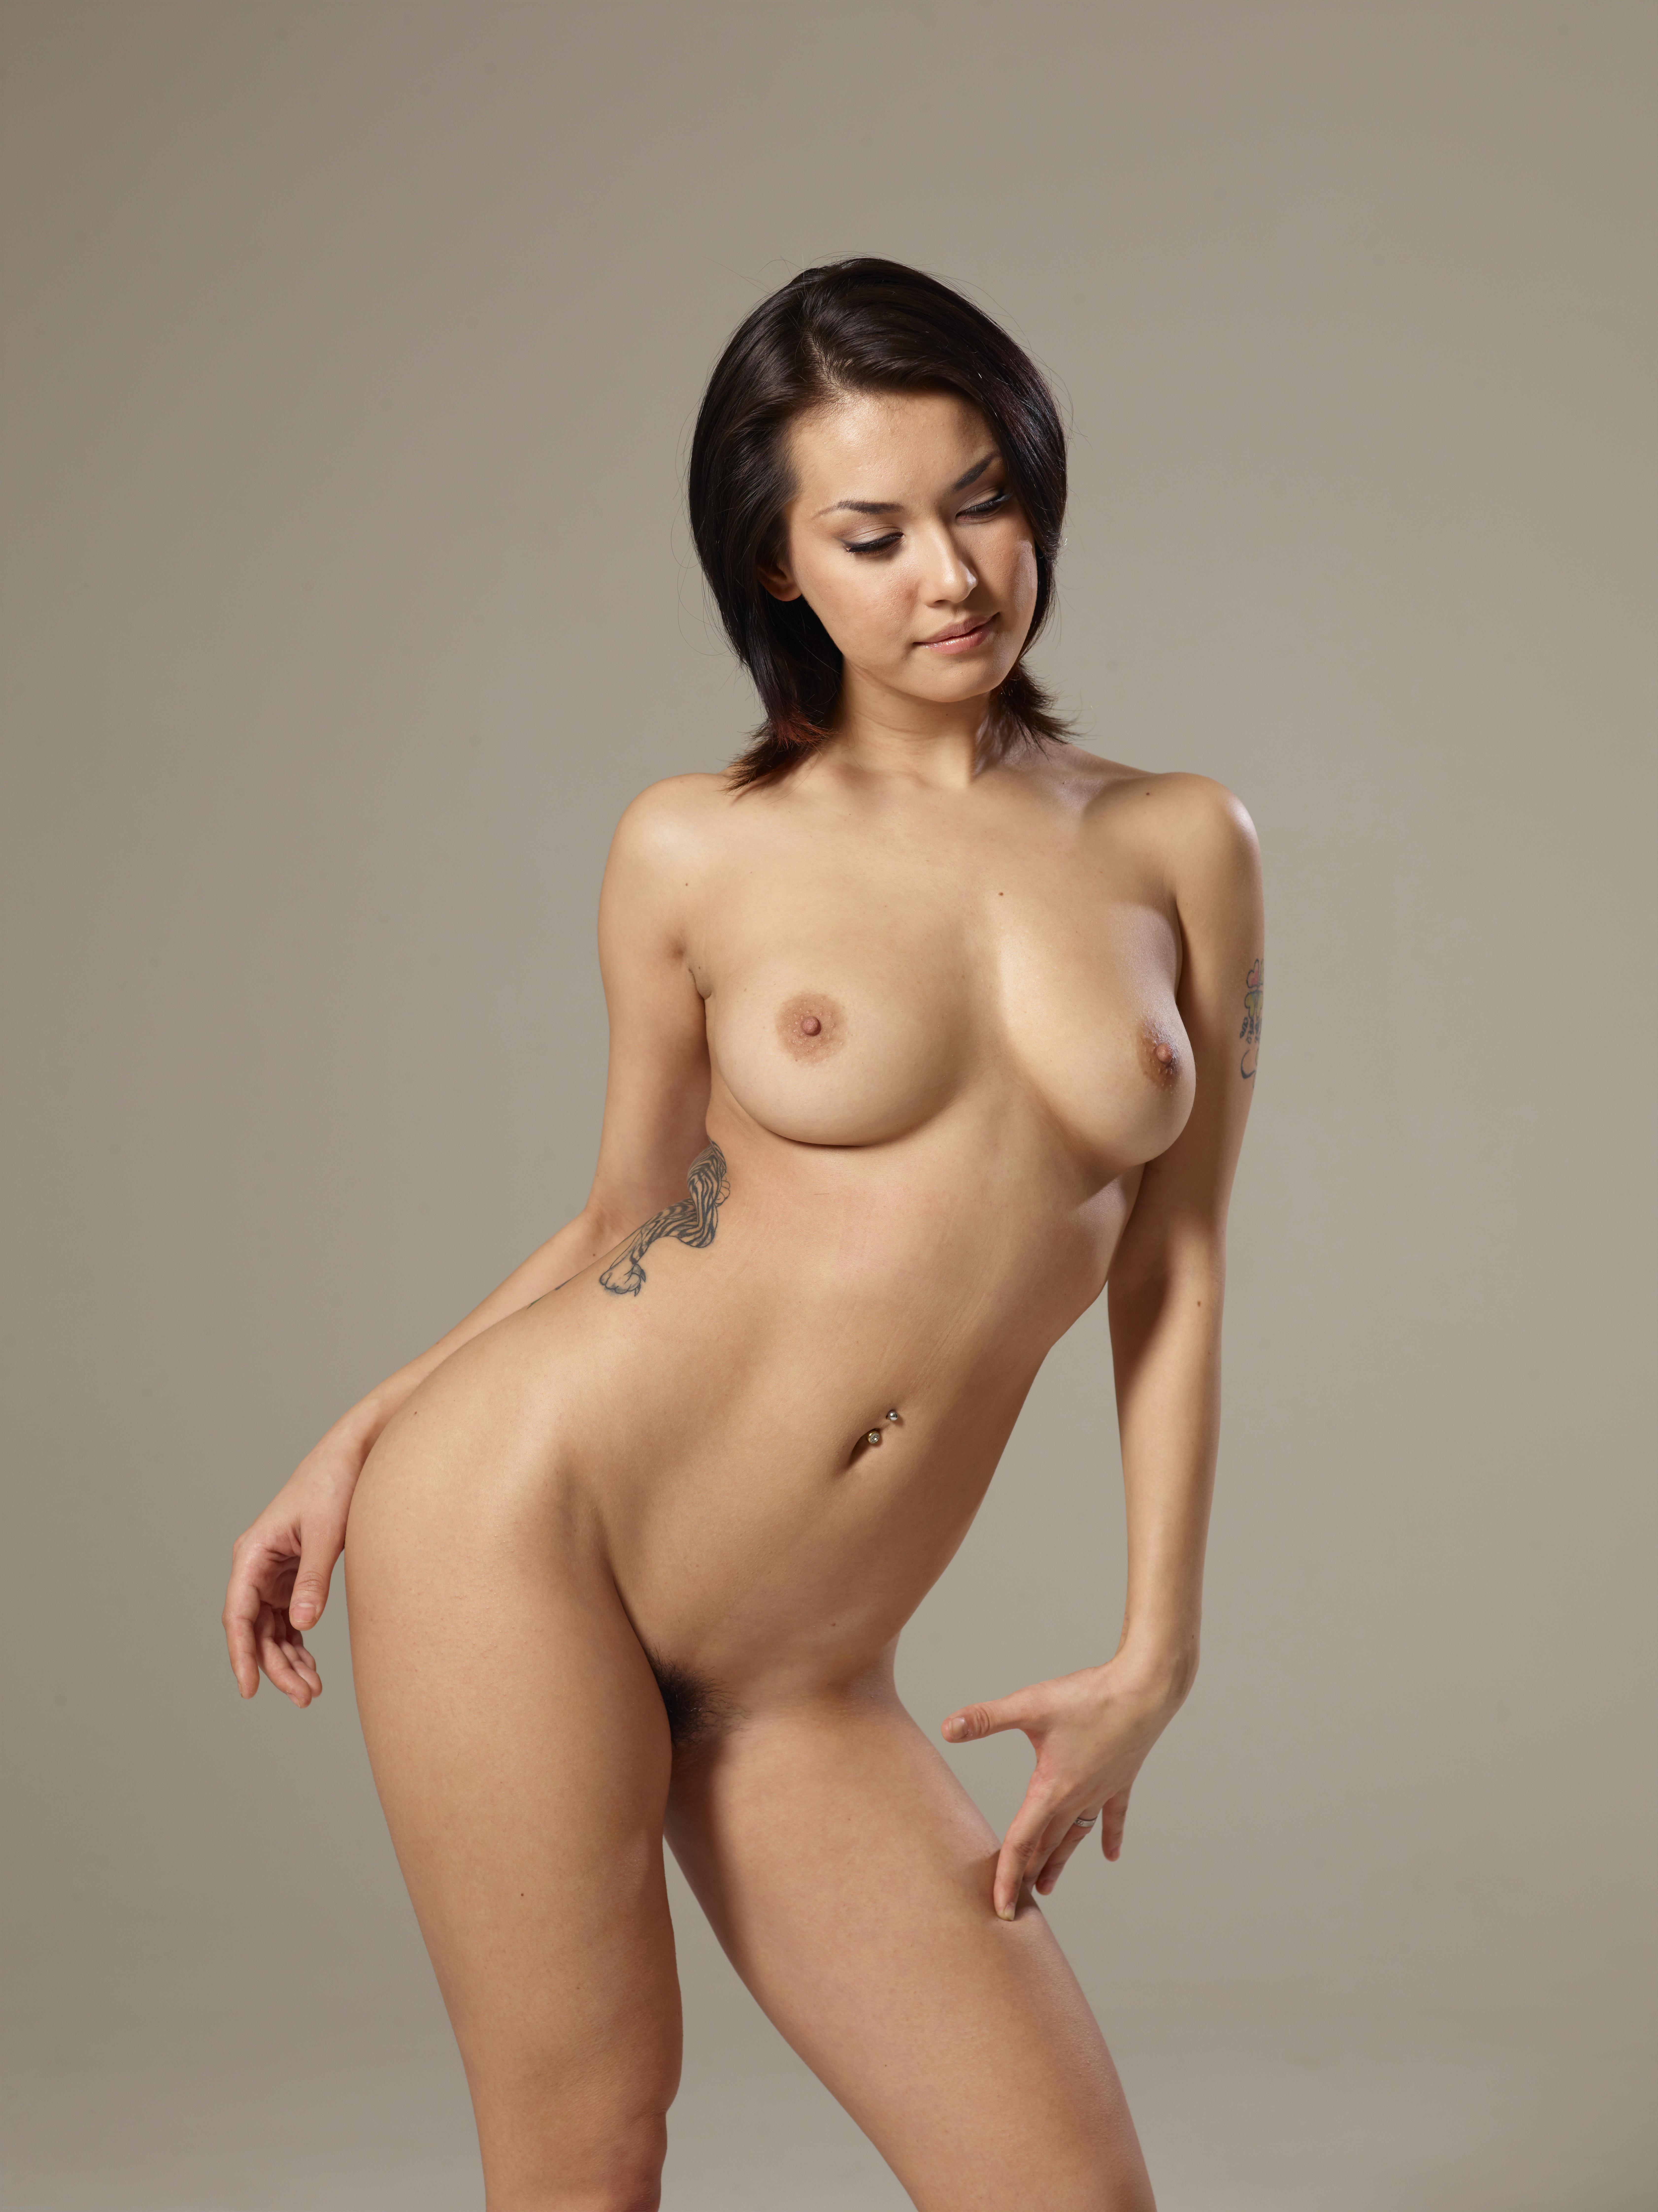 hot mom bending over naked